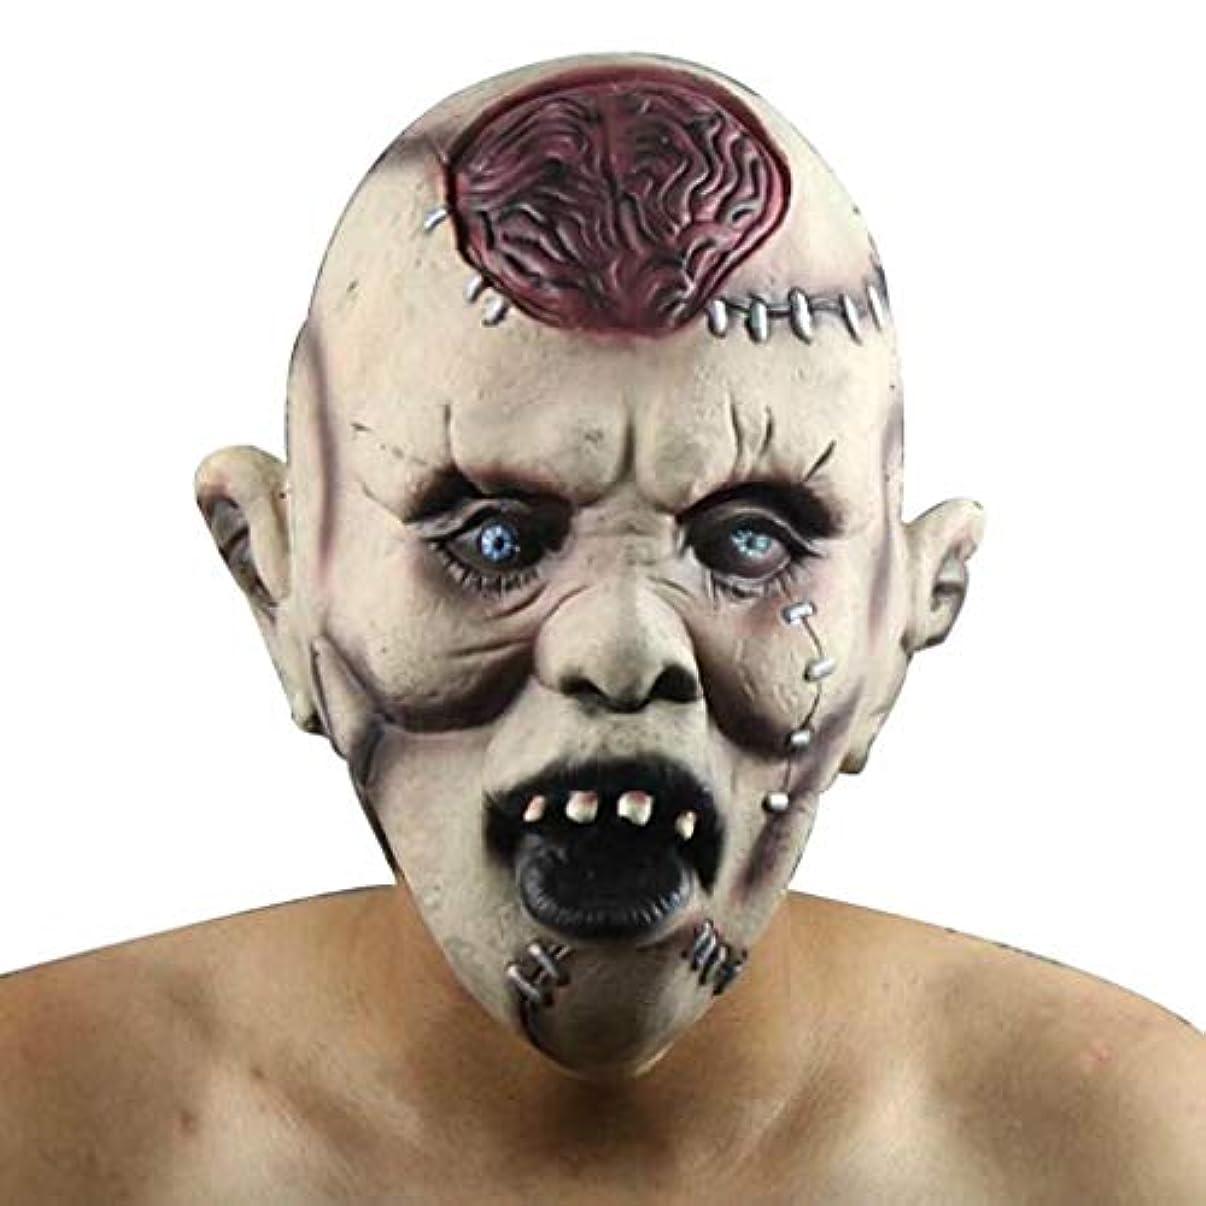 議会エンゲージメントシングルハロウィンゴーストマスクホラーマスクホラーラテックスヘッドカバー映画小道具仮面舞踏会マスク